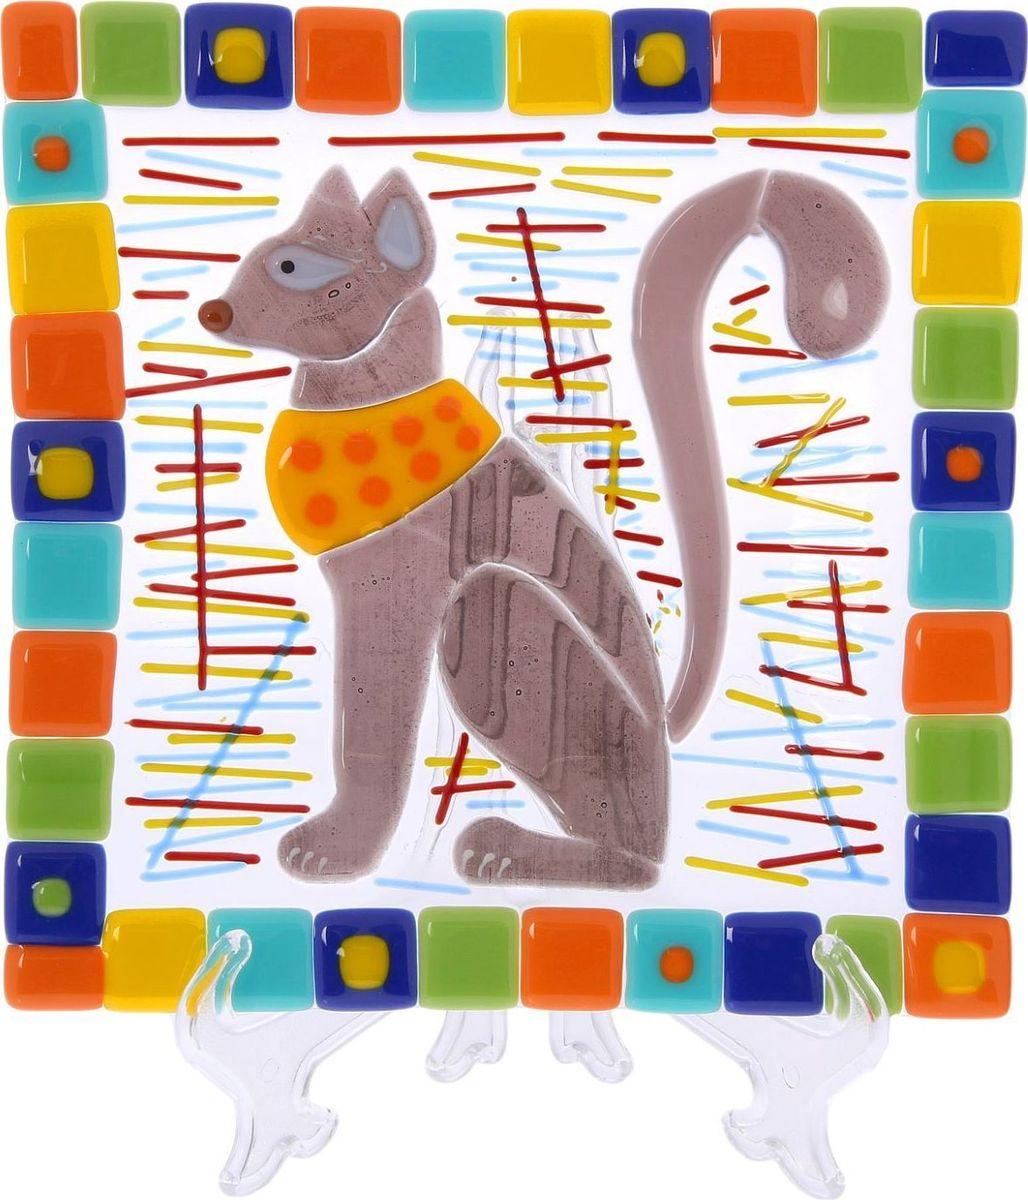 Тарелка Декостек Египетская кошка, 21 см. 22617572261757Оригинальная посуда — свидетельство особого отношения хозяев дома к гостям. Изделия изготовлены необычным образом: несколько видов стекла спекаются в печи при температуре около 800 градусов. В результате этого получается уникальный продукт, по внешнему виду сходный с витражом. Стекло, полученное с помощью фьюзинга, отличают особенная прозрачность и глубина цвета, оно сохраняет оттенок и не подвержено старению.Особенности предмета:тщательная обработка рельефа поверхности;высококачественный узор;высокая прочность – изделия можно мыть в посудомоечной машине.Такой предмет станет прекрасным подарком по любому случаю. В комплект входит подставка и декоративная коробка.